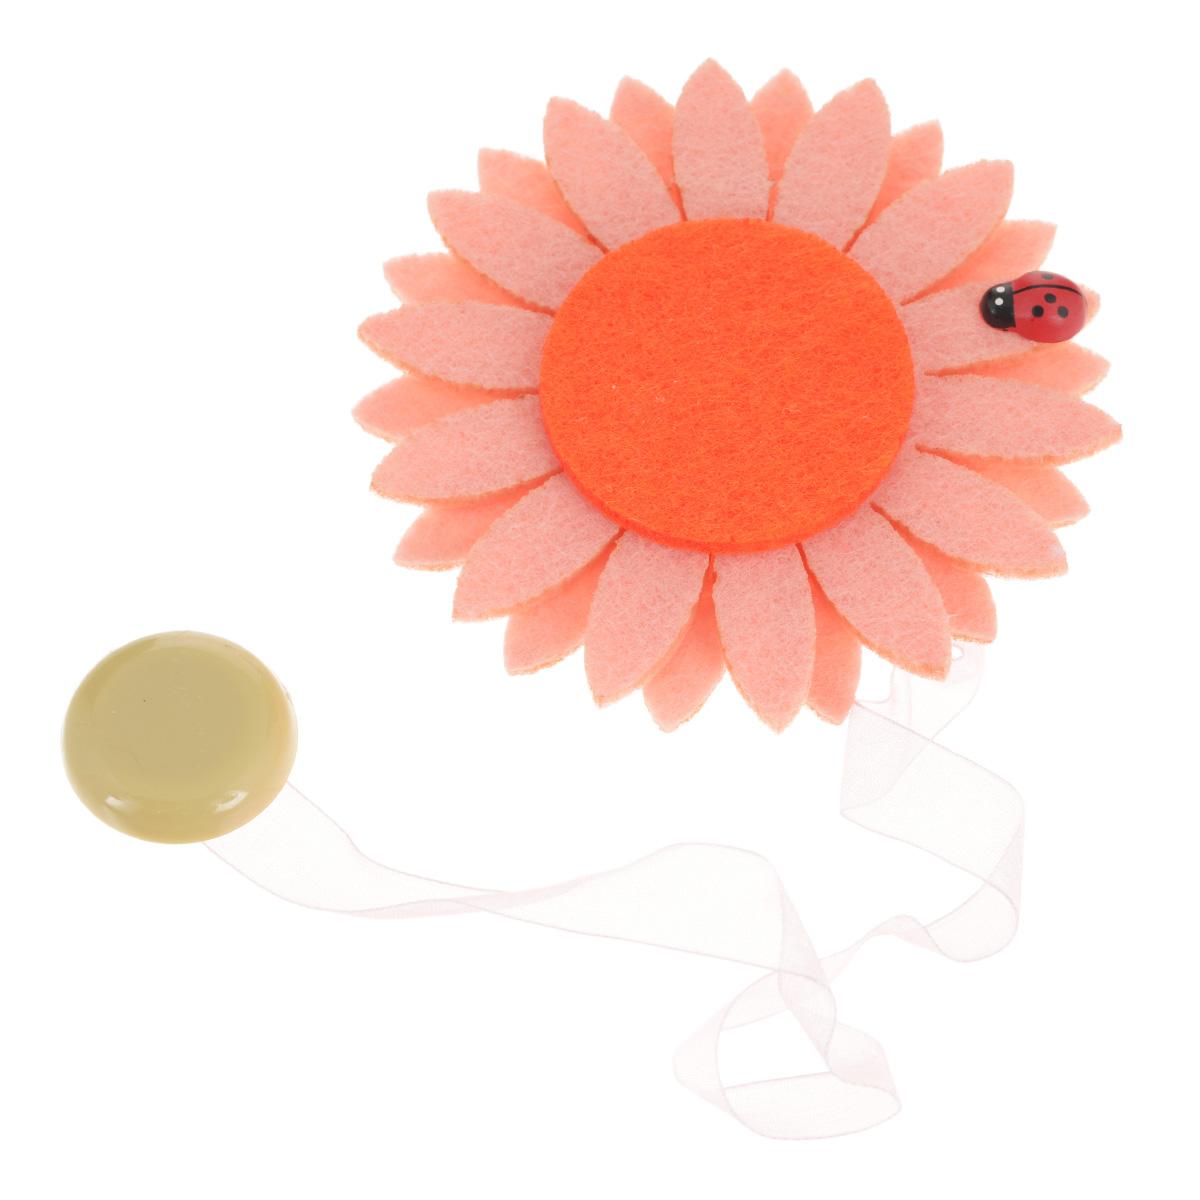 Клипса-магнит для штор Calamita Fiore, цвет: бледно-розовый, рыжий. 7704012_5517704012_551Клипса-магнит Calamita Fiore, изготовленная из пластика и текстиля, предназначена для придания формы шторам. Изделие представляет собой два магнита, расположенные на разных концах текстильной ленты. Один из магнитов оформлен декоративным цветком. С помощью такой магнитной клипсы можно зафиксировать портьеры, придать им требуемое положение, сделать складки симметричными или приблизить портьеры, скрепить их. Клипсы для штор являются универсальным изделием, которое превосходно подойдет как для штор в детской комнате, так и для штор в гостиной. Следует отметить, что клипсы для штор выполняют не только практическую функцию, но также являются одной из основных деталей декора этого изделия, которая придает шторам восхитительный, стильный внешний вид.